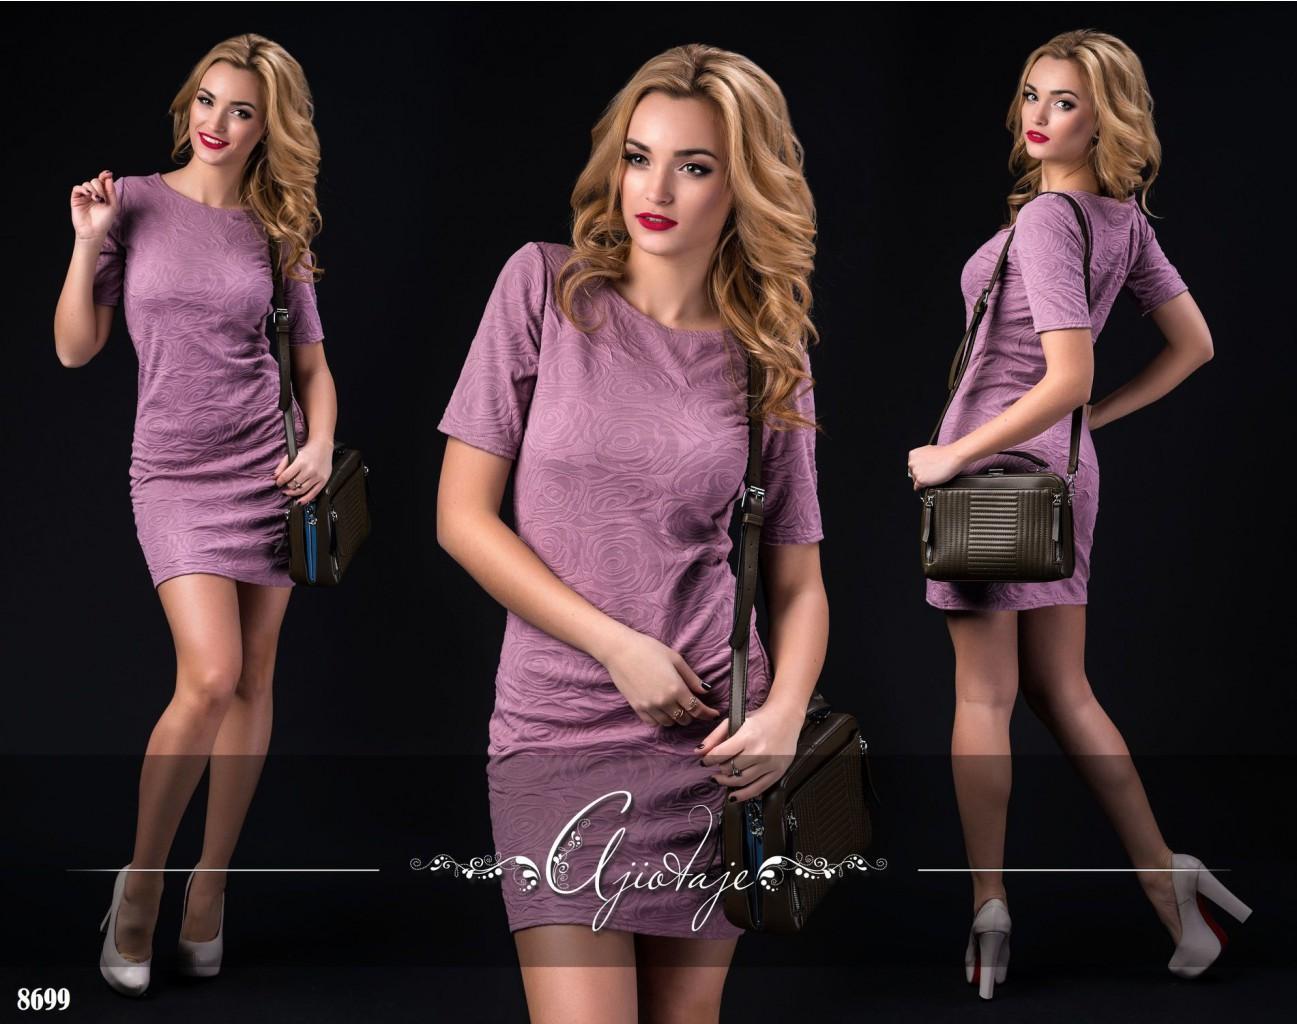 Ажиотаж - жизнь в ритме стиля! Отменное качество и красота женской одежды! Хороший выбор и интересный дизайн поразят даже самых искушённых модниц! Выкуп 5